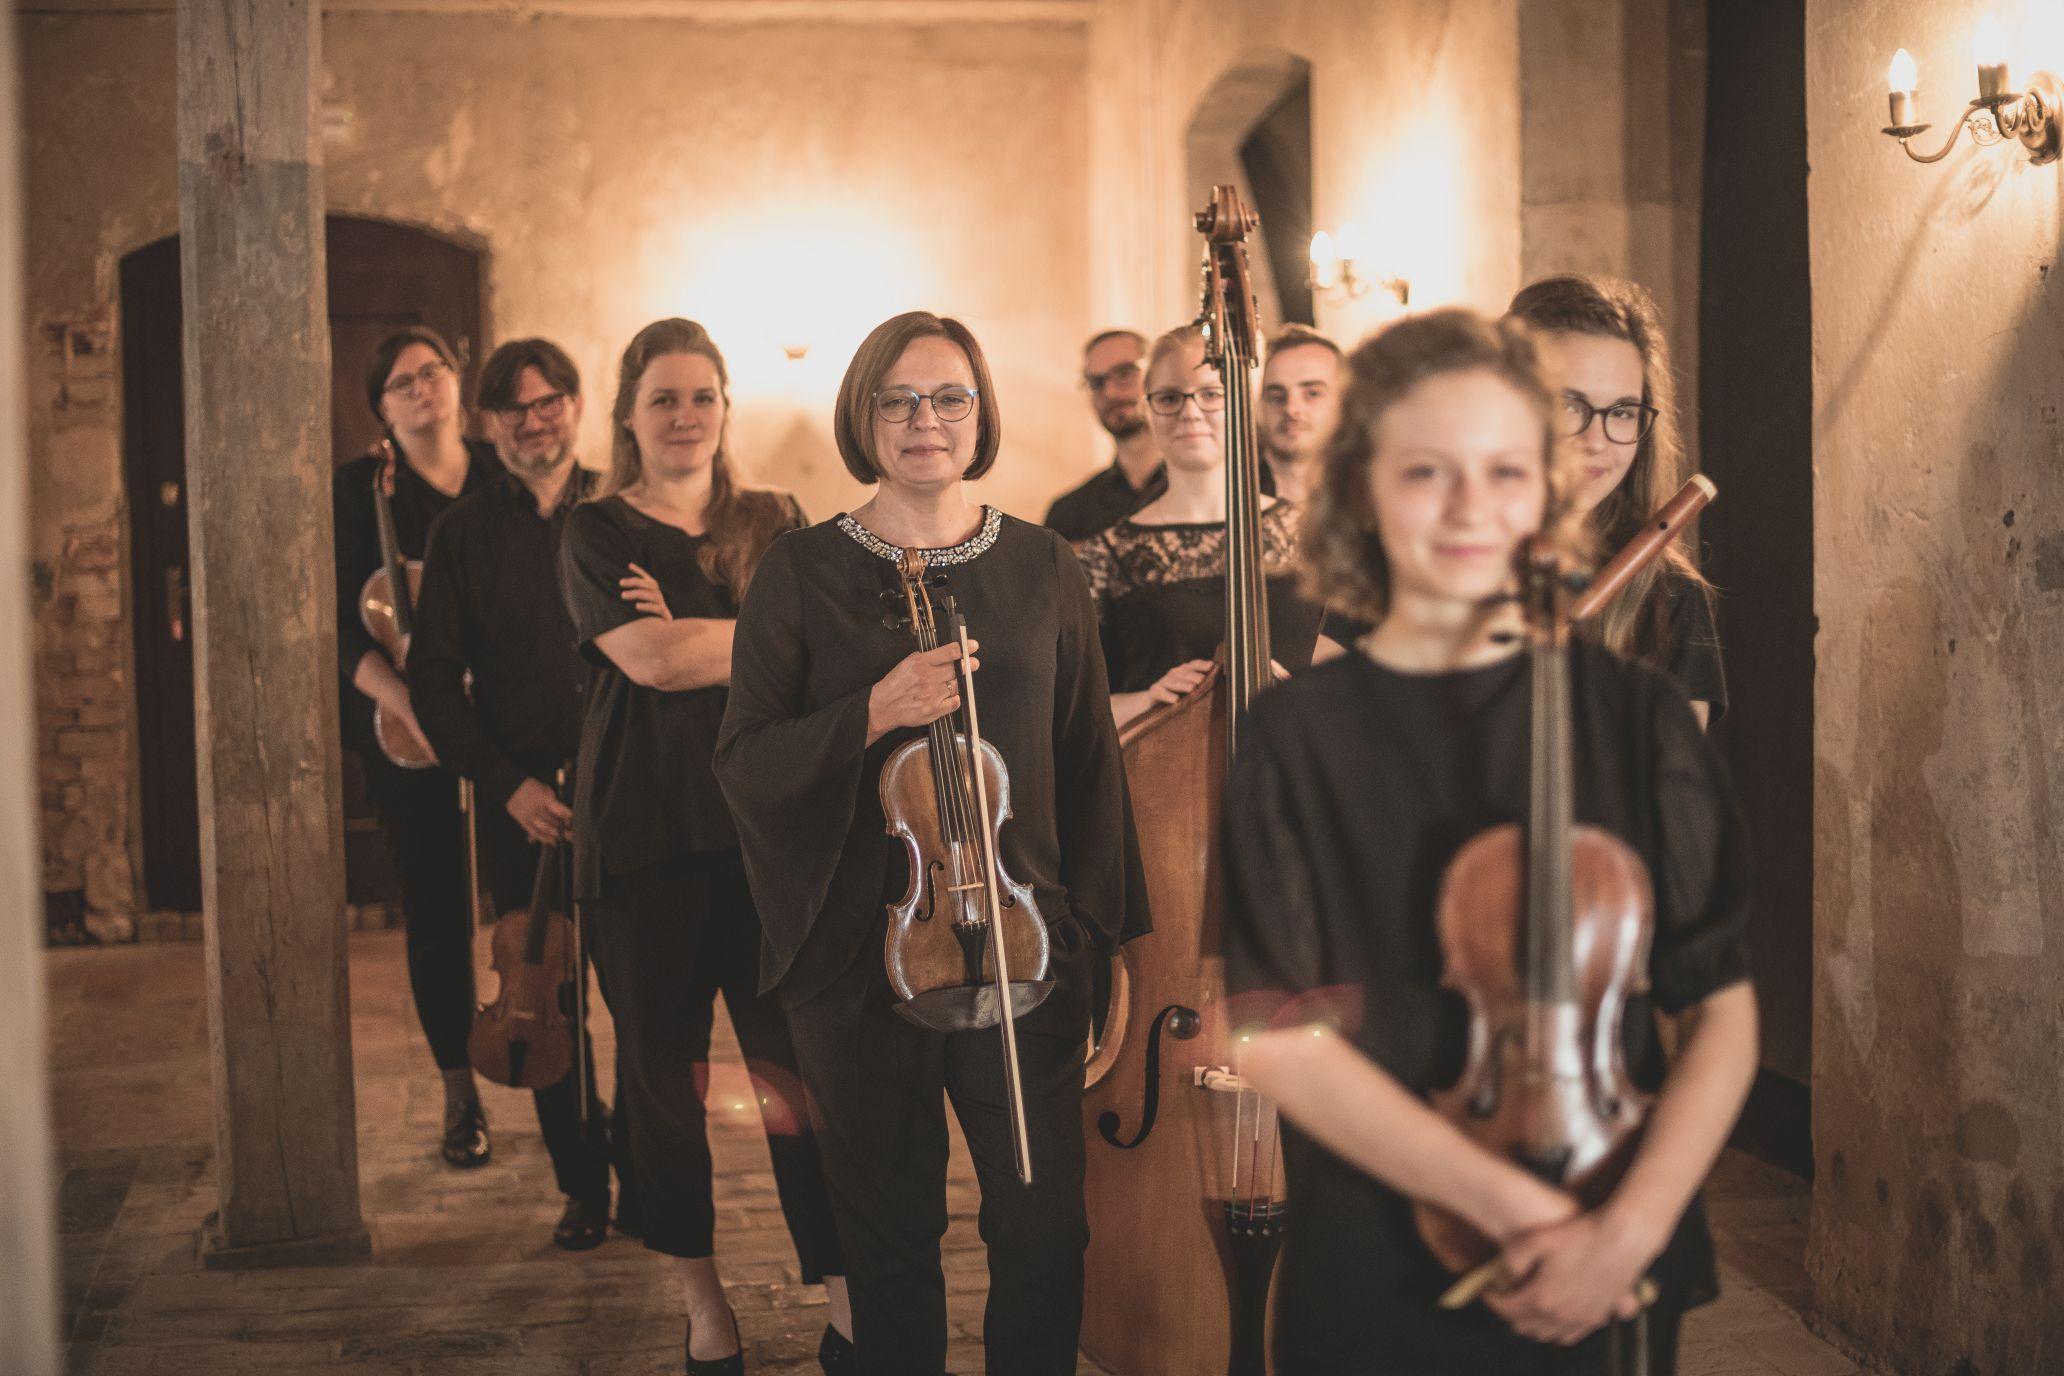 muzycy z instrumentami, pozowane zdjęcie promocyjne